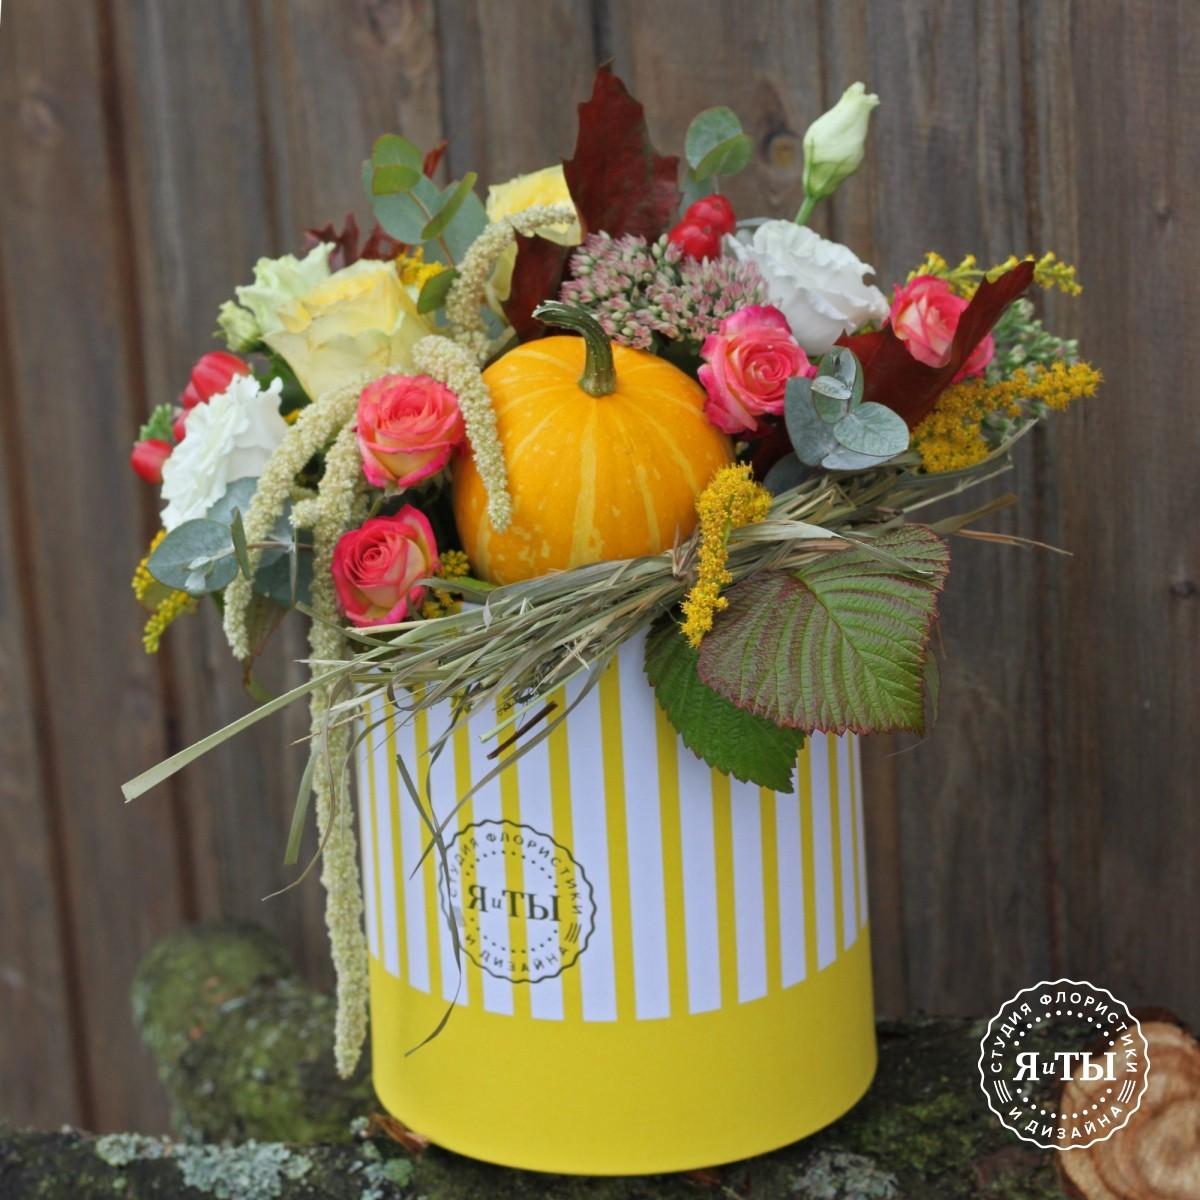 Осенняя коробка с тыквой и сеном